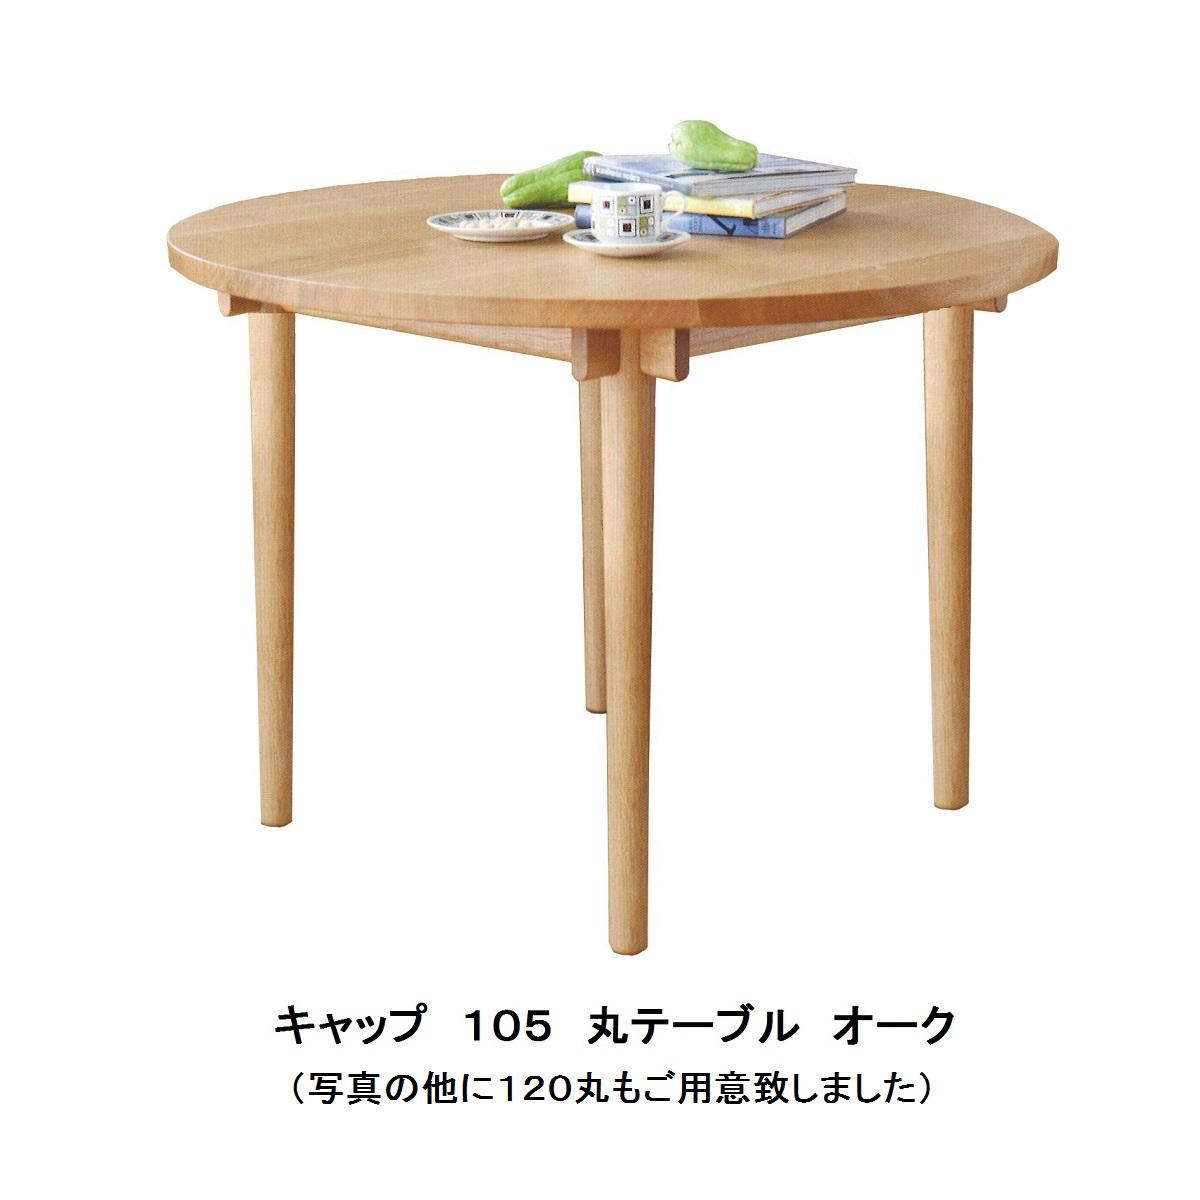 飛騨高山 木馬舎の家具1050 丸キャップテーブル2タイプのサイズから選べます。素材:オーク無垢オイル塗装受注生産になっております。送料無料(沖縄・北海道・離島は除く)